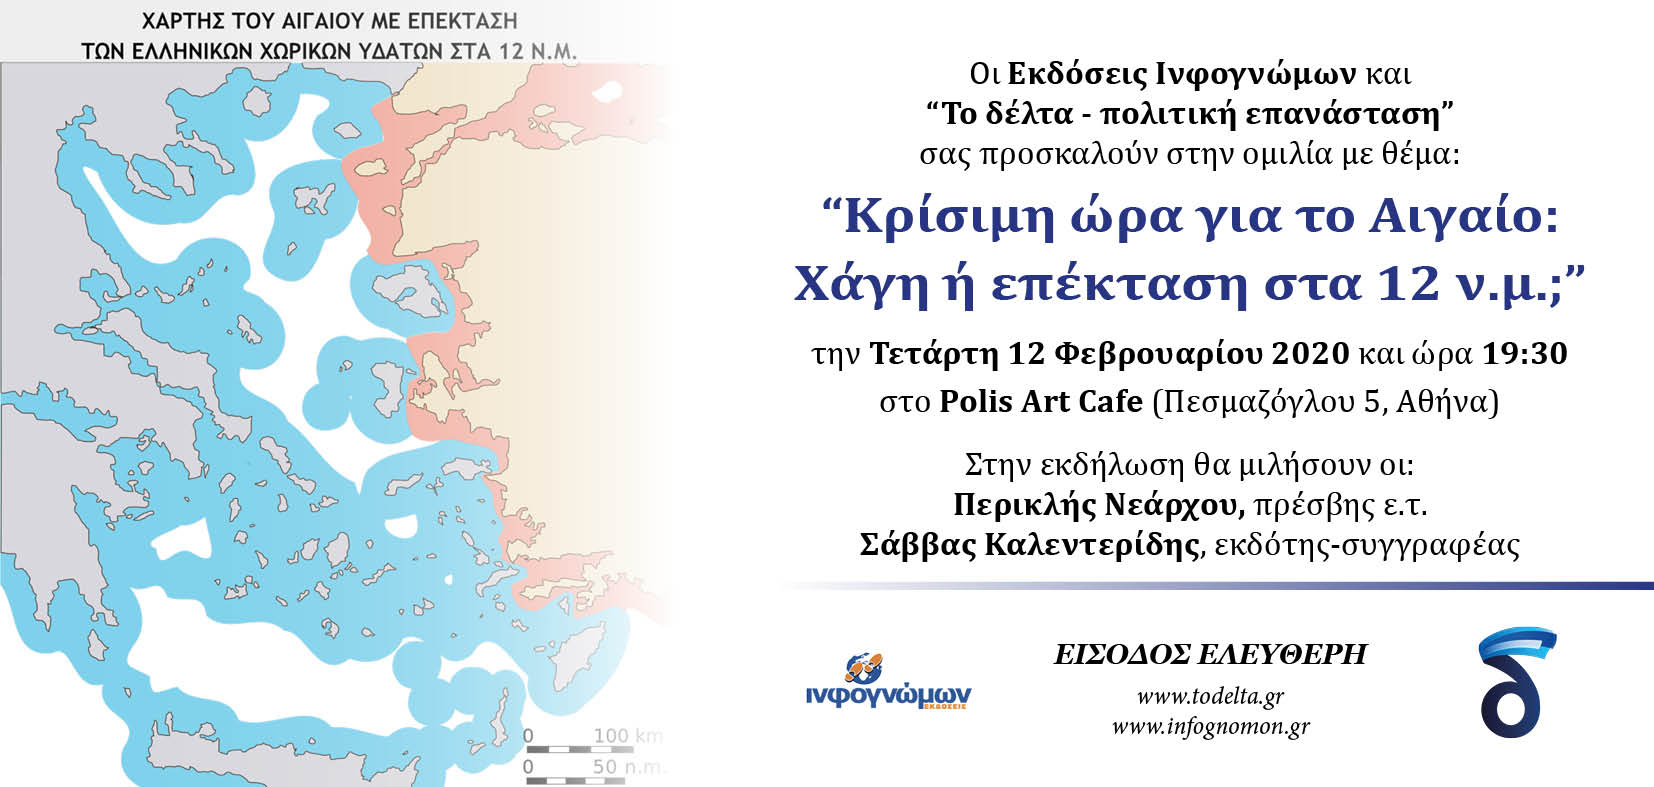 """Τετάρτη, 12 Φεβρουαρίου η εκδήλωση """"Κρίσιμη ώρα για το Αιγαίο: Χάγη ή επέκταση στα 12 ν.μ.;"""" – Ομιλητές οι κ.κ. Περικλής Νεάρχου και Σάββας Καλεντερίδης,"""